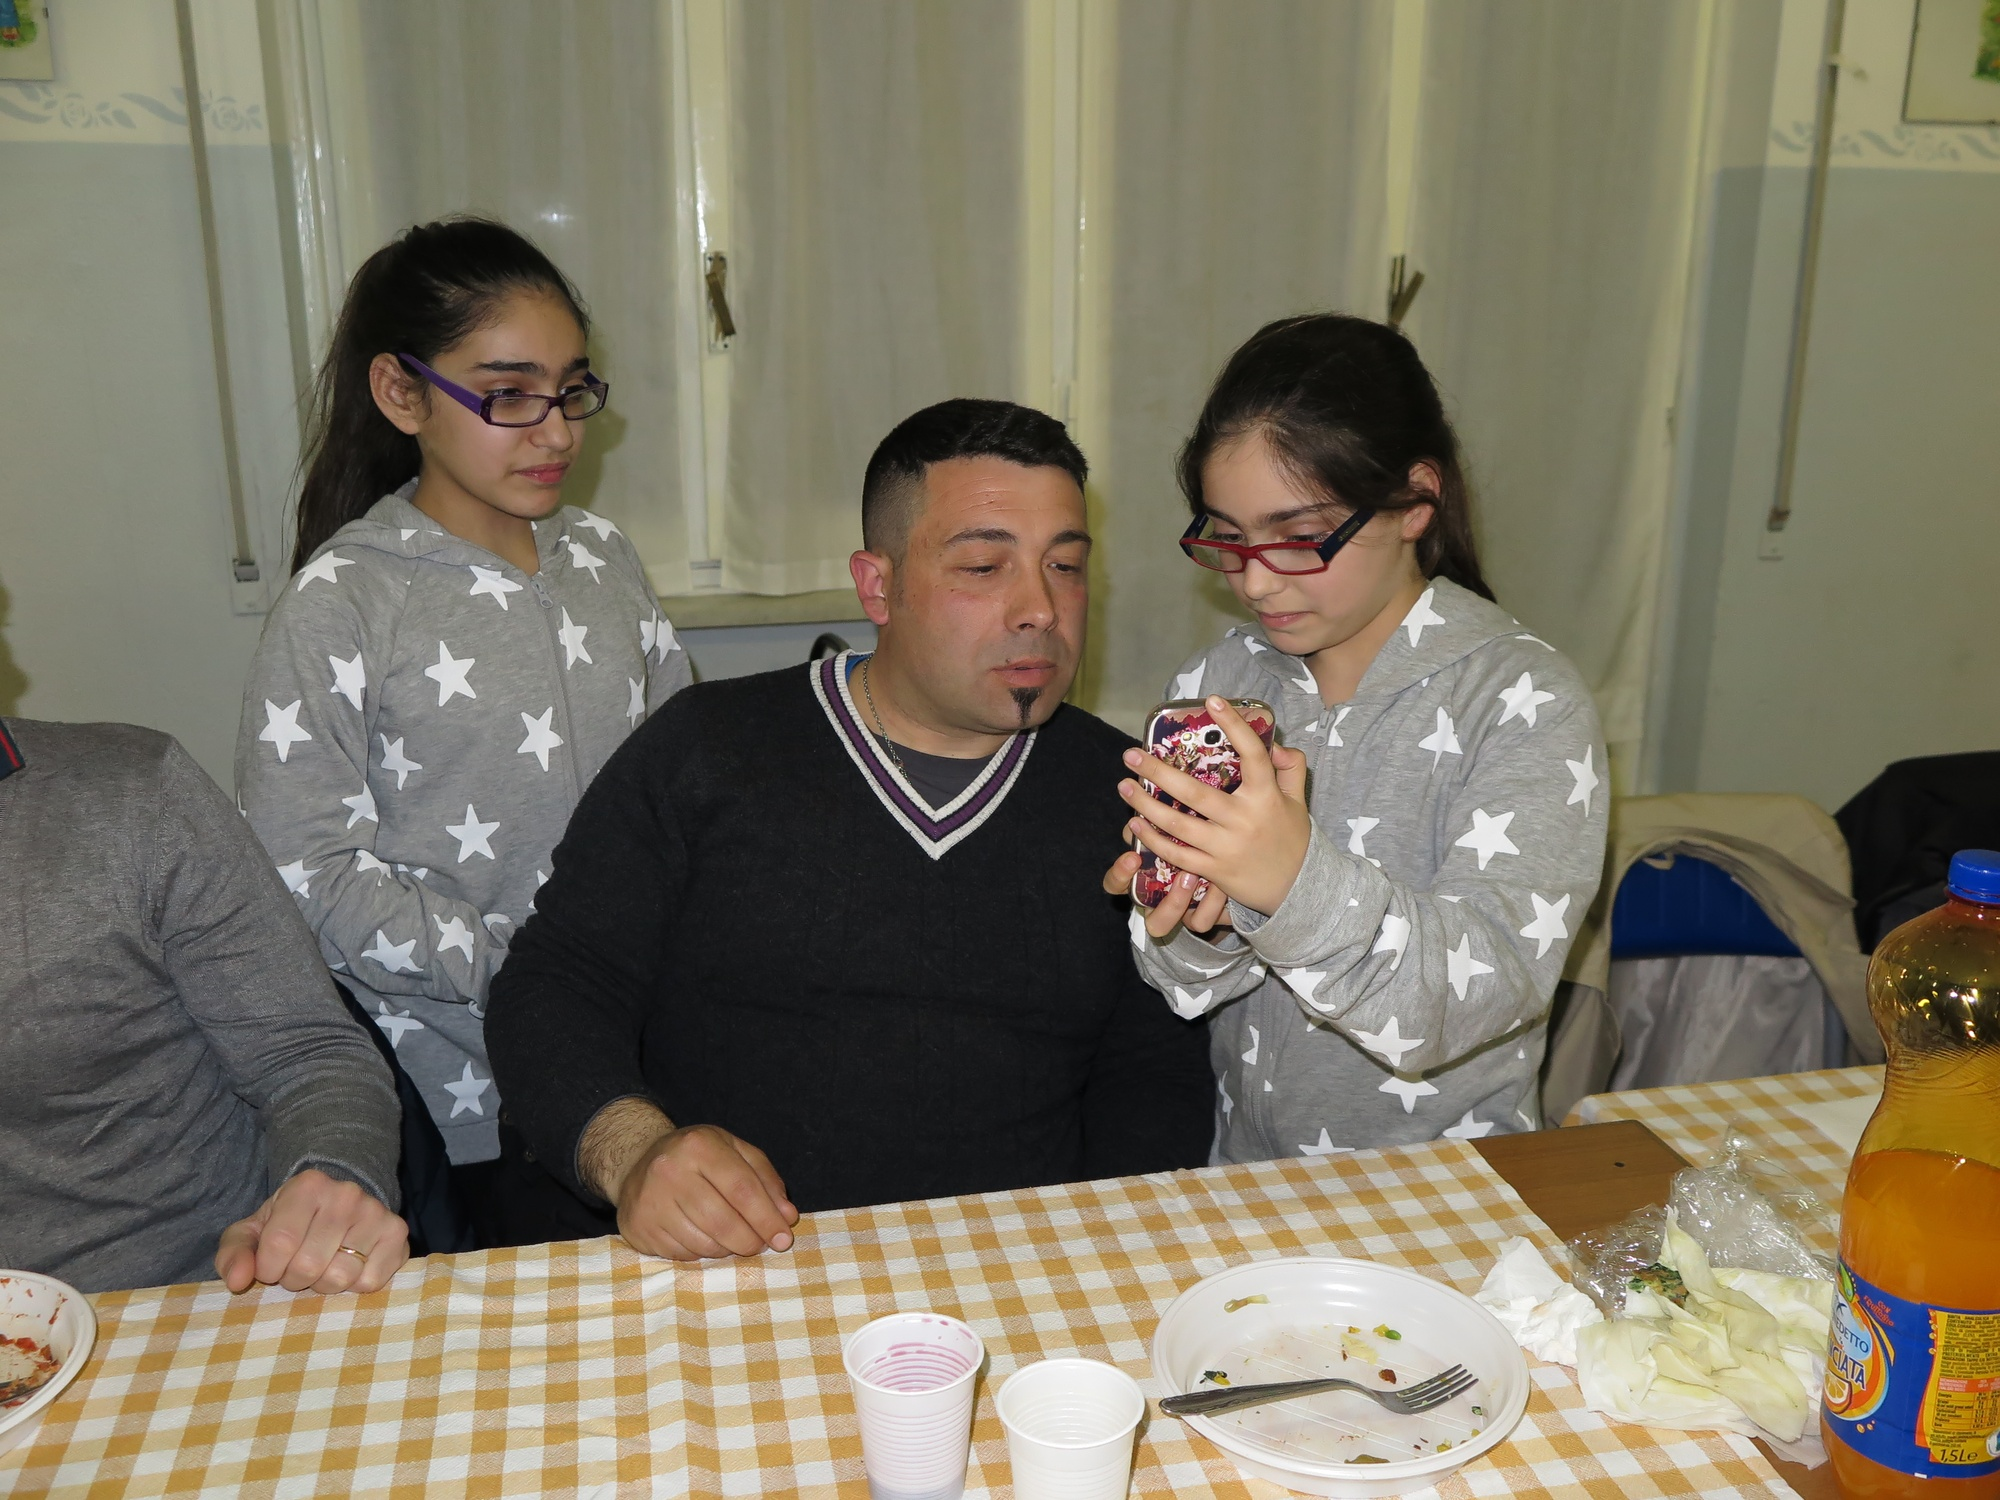 cena-famiglie-prima-comunione-2016-04-09-20-41-50